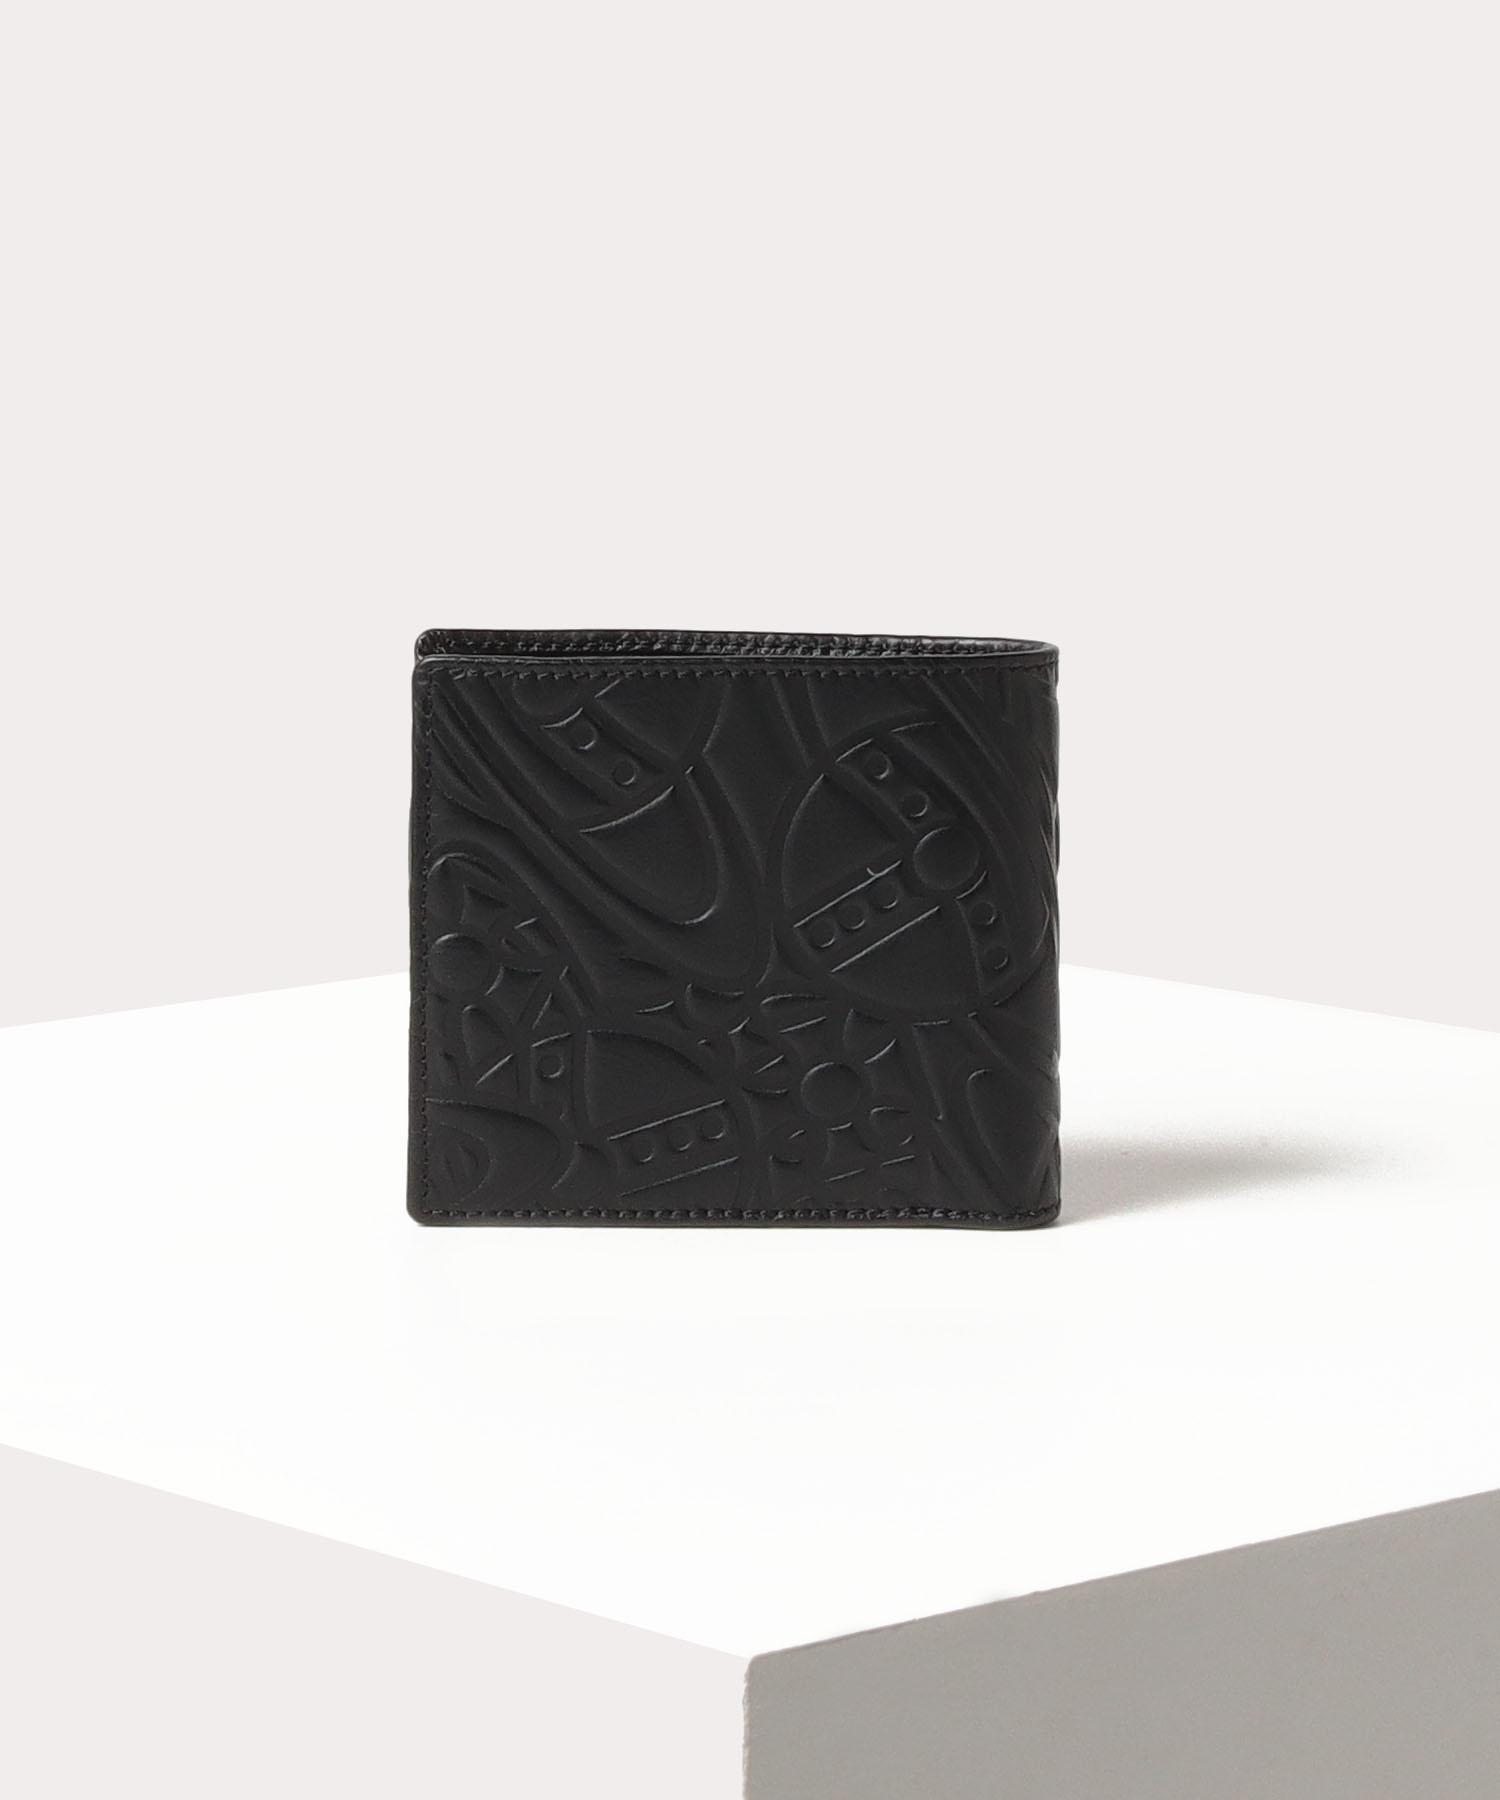 BELFAST 二つ折り財布